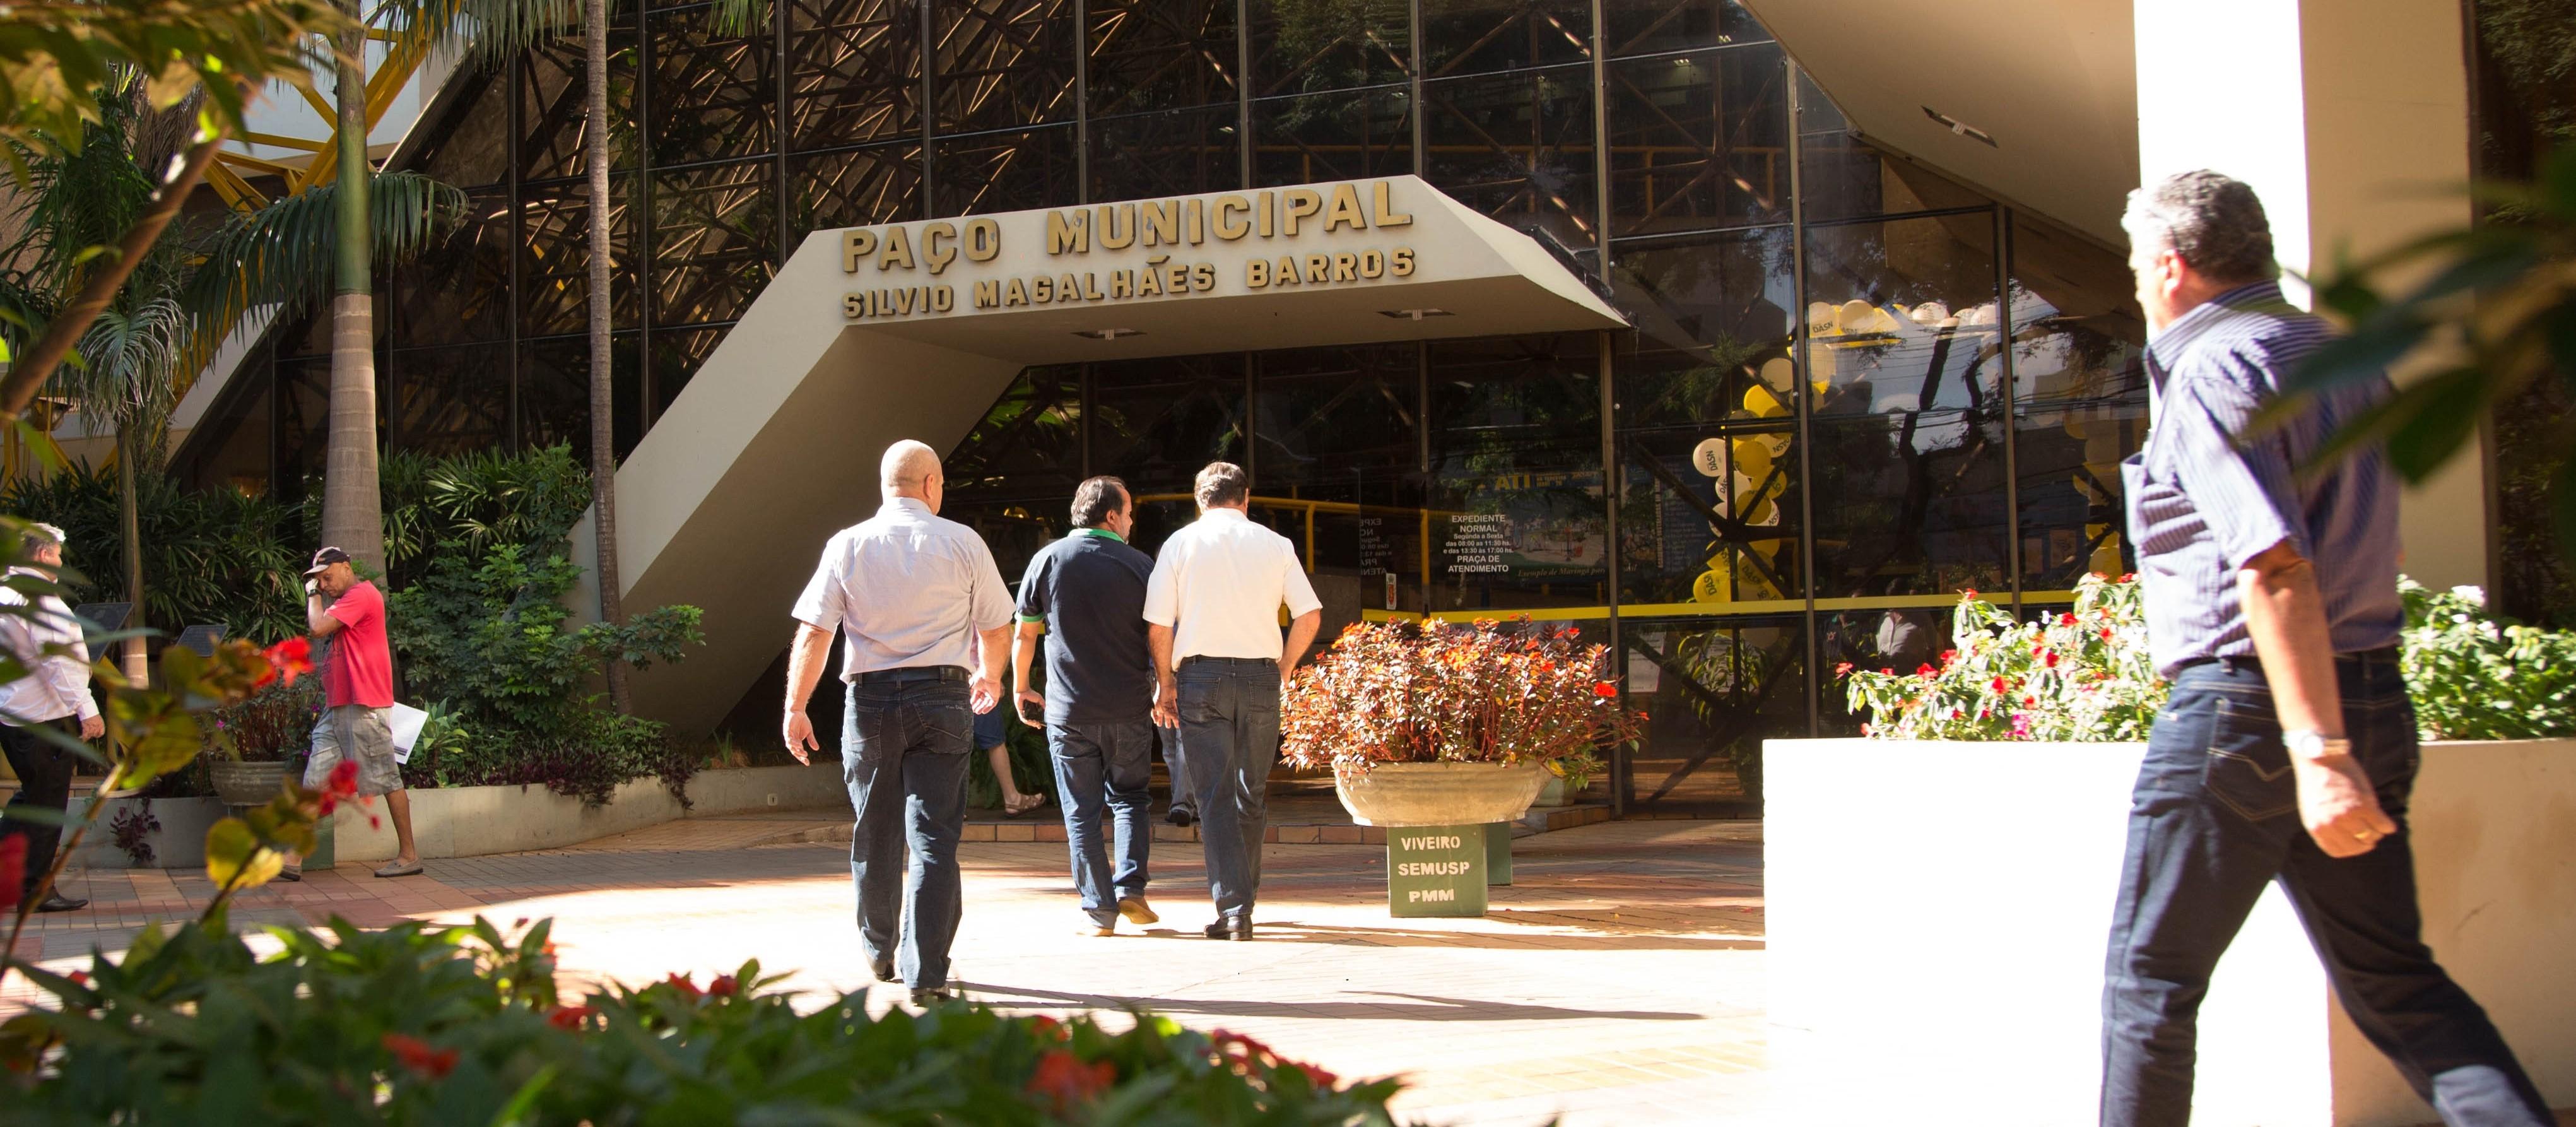 Expediente da prefeitura será em turno único nessa sexta-feira (6)